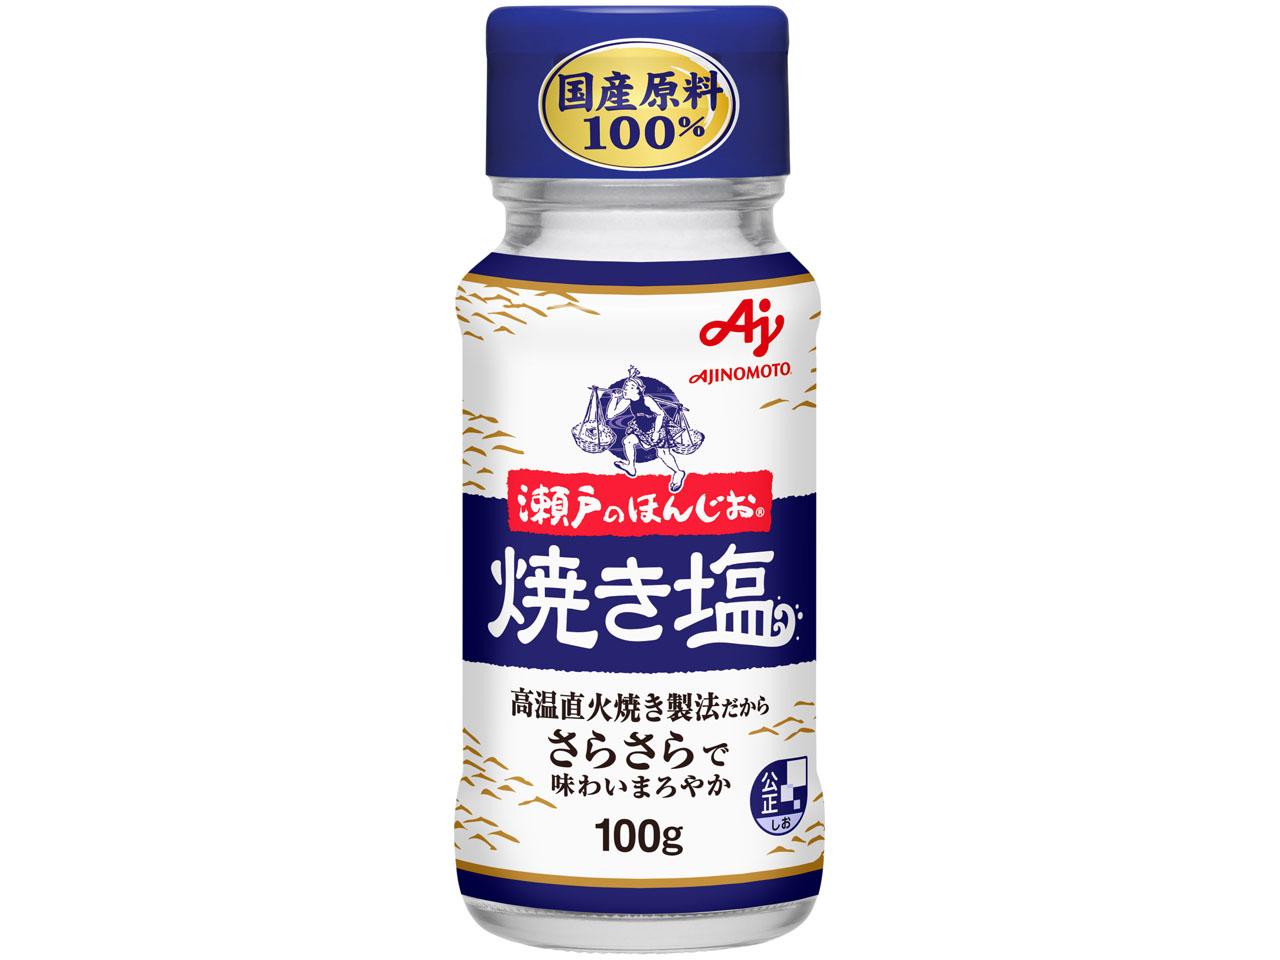 「瀬戸のほんじお」焼き塩